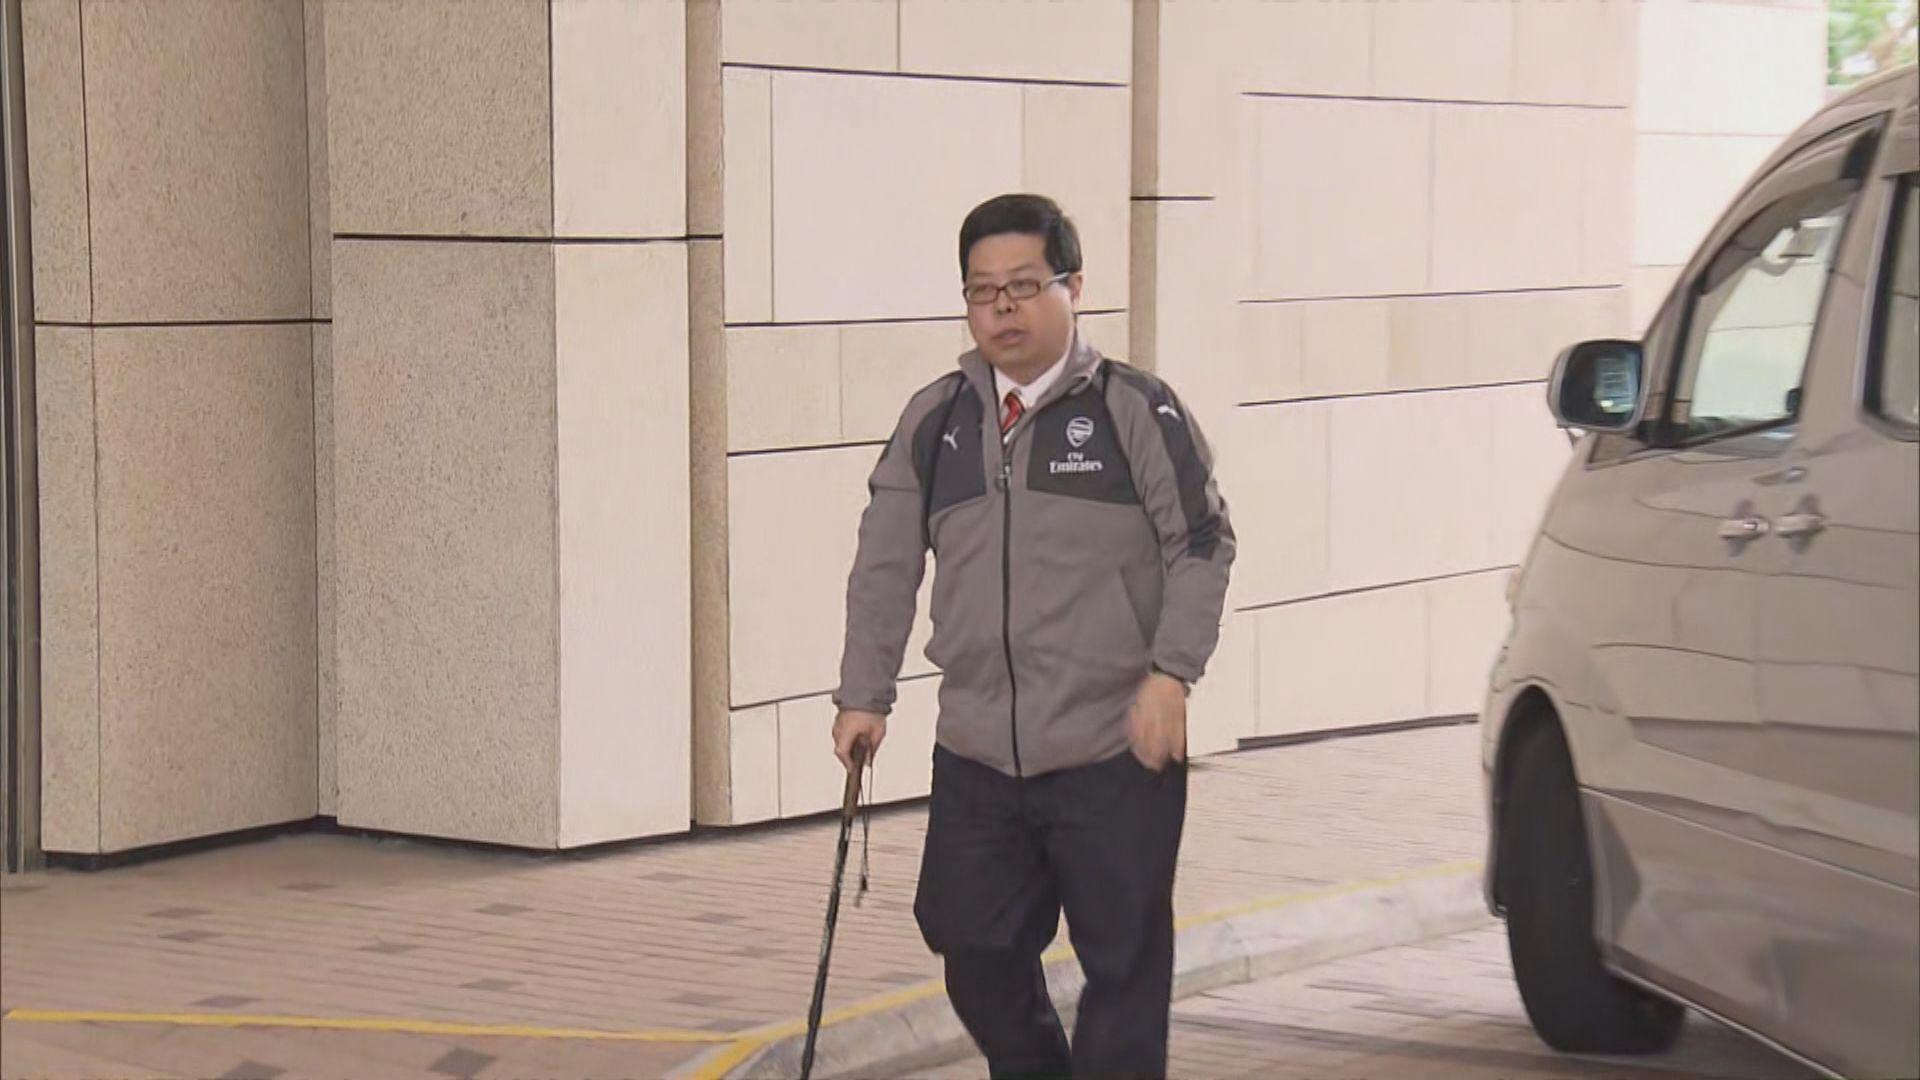 林子健案續審 辯方質疑警員認人過程